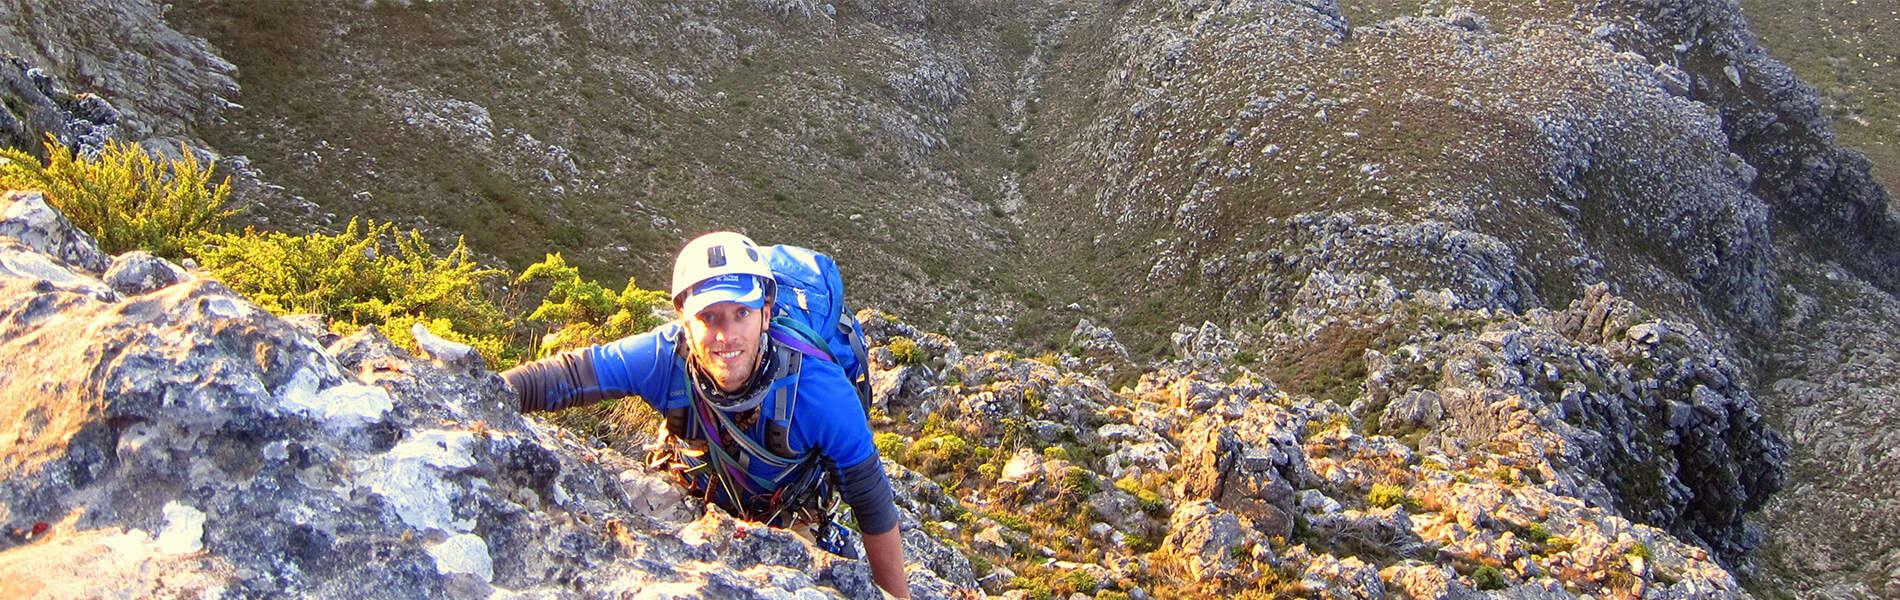 Table Mountain Climbing